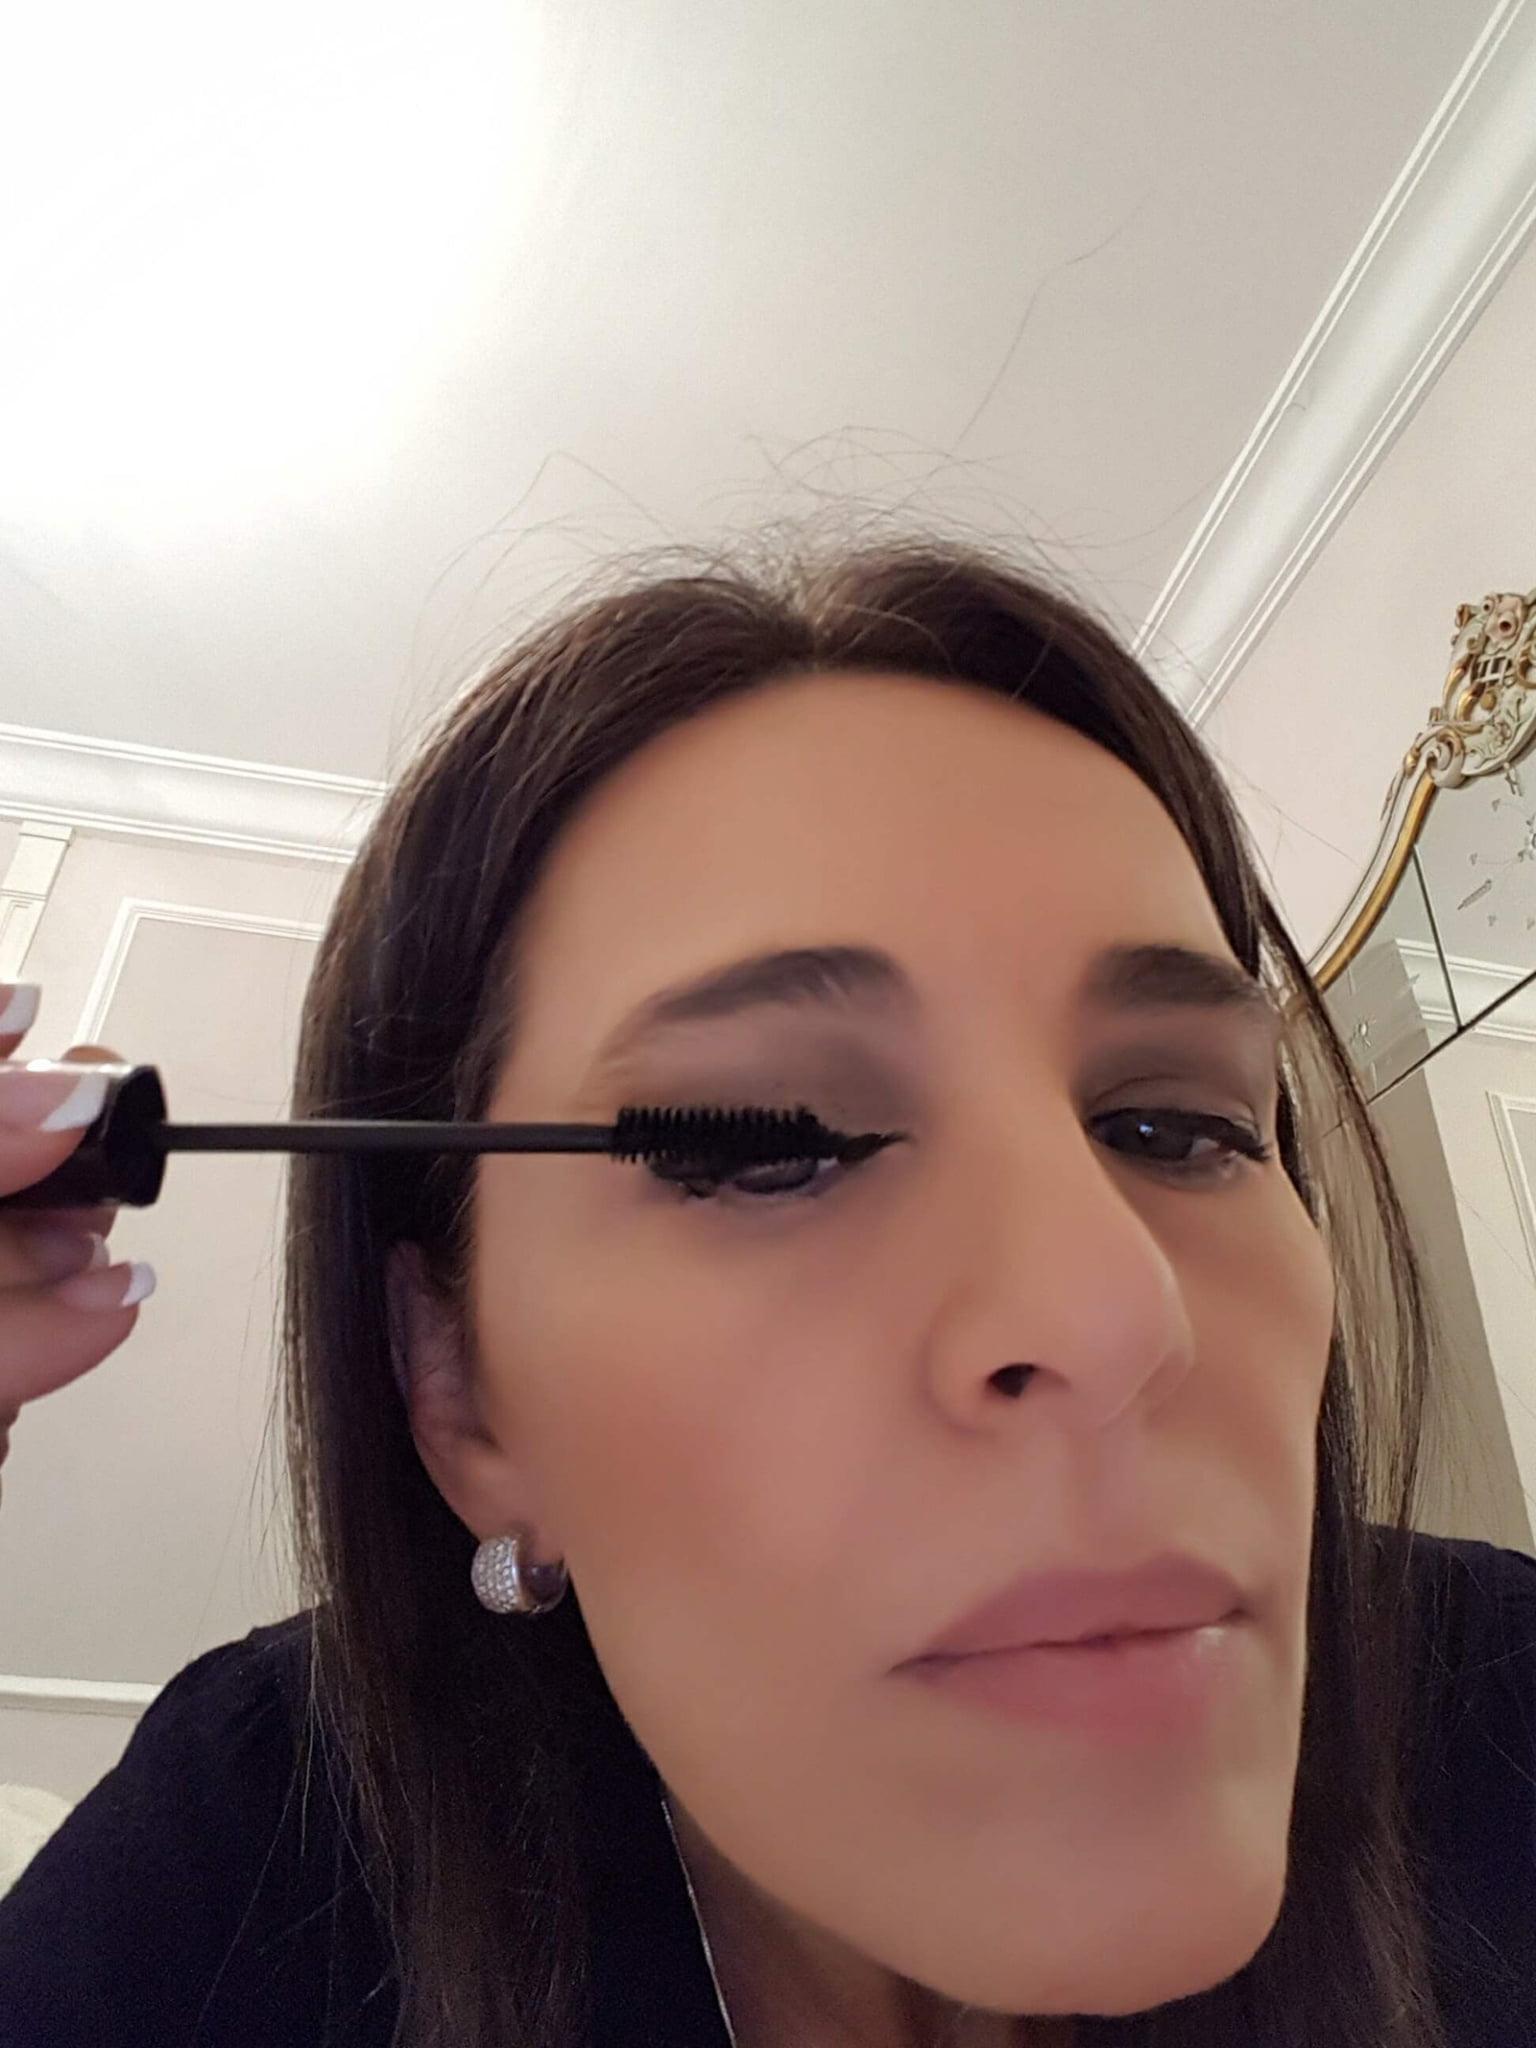 blog-da-carla-vilhena-maquiagem-dia-a-dia-5